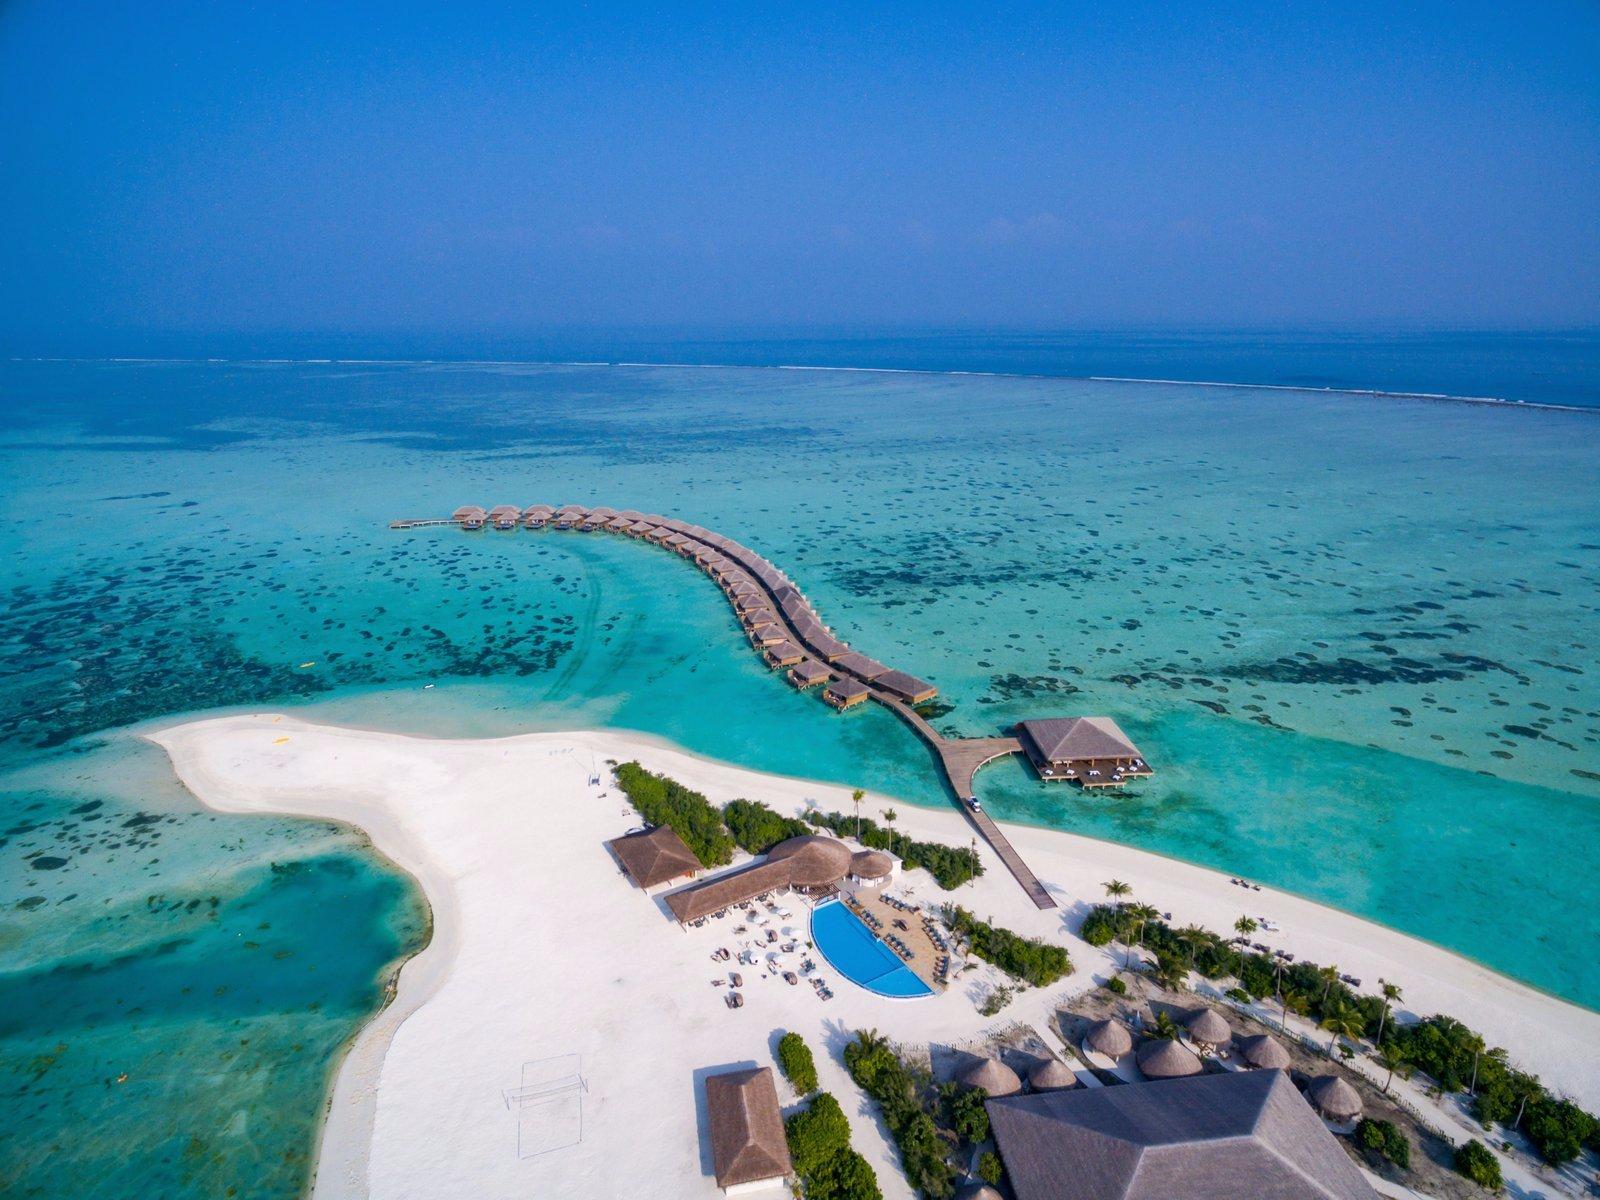 Cocoon Maldives Resort | Maldivler | Turu | Turları | Otel | Balayı | Erken Rezervasyon |  Promosyonlar | İndirim